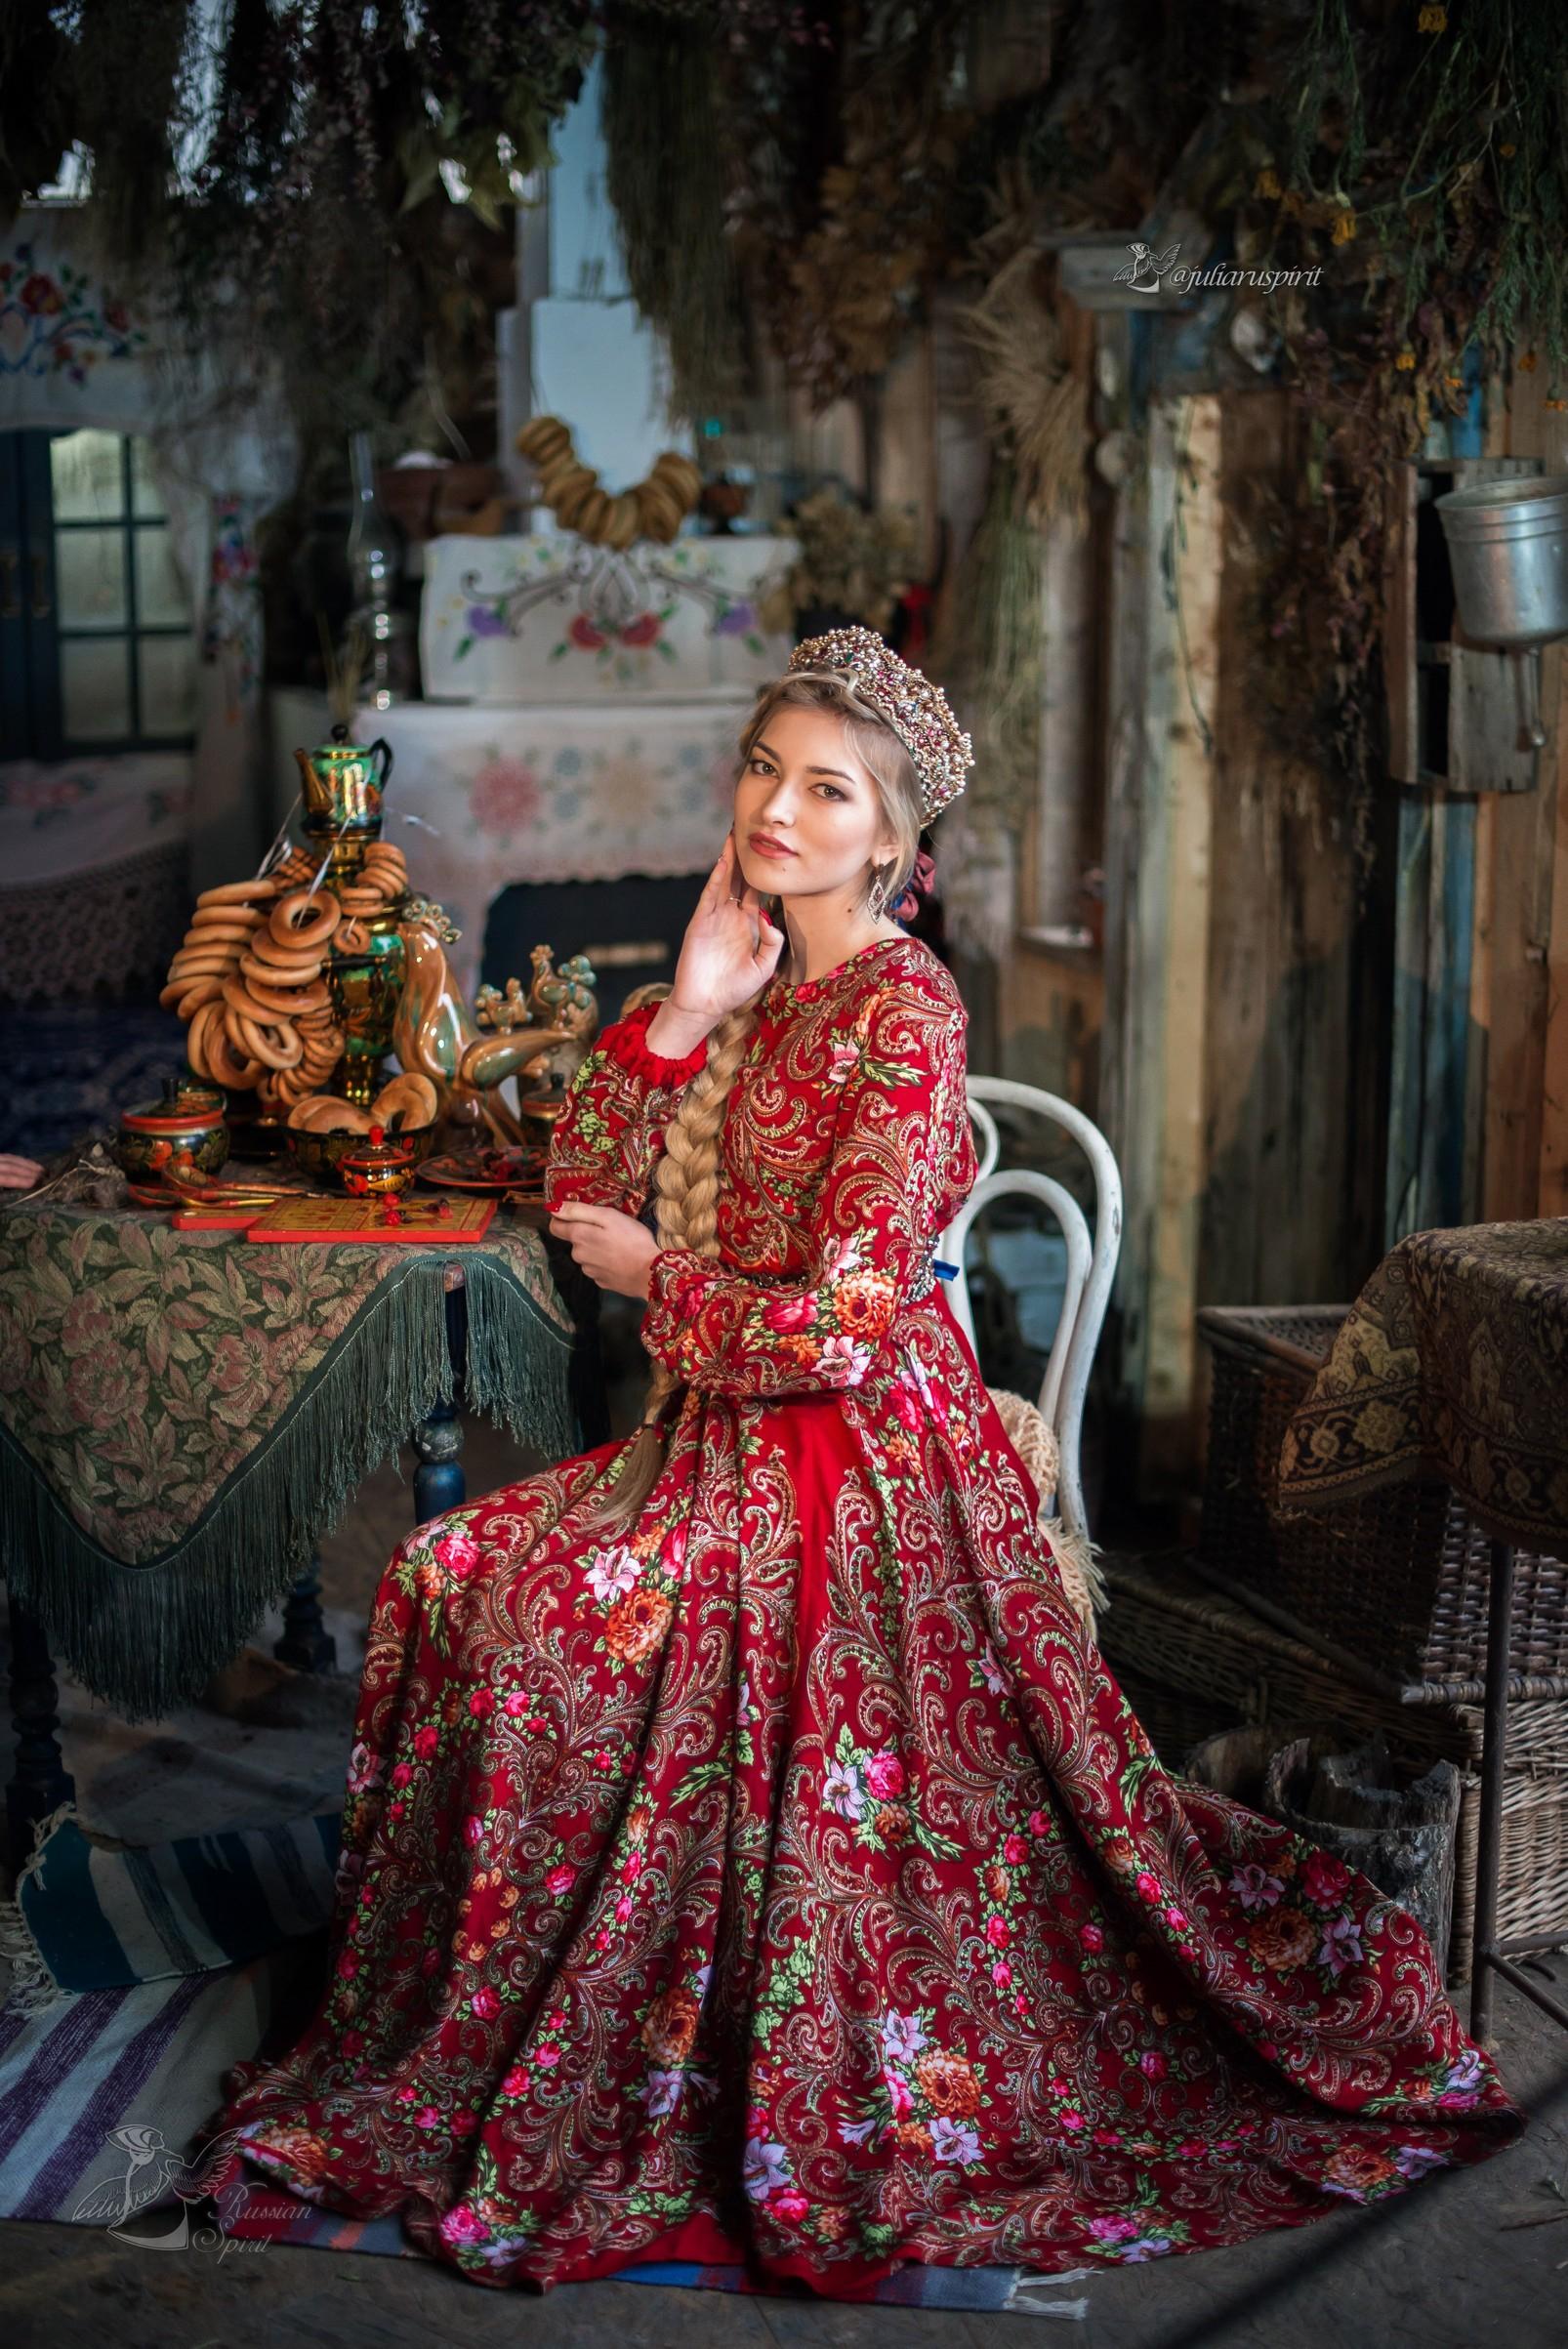 Фотосесия в русском стиле за столом с самоваром